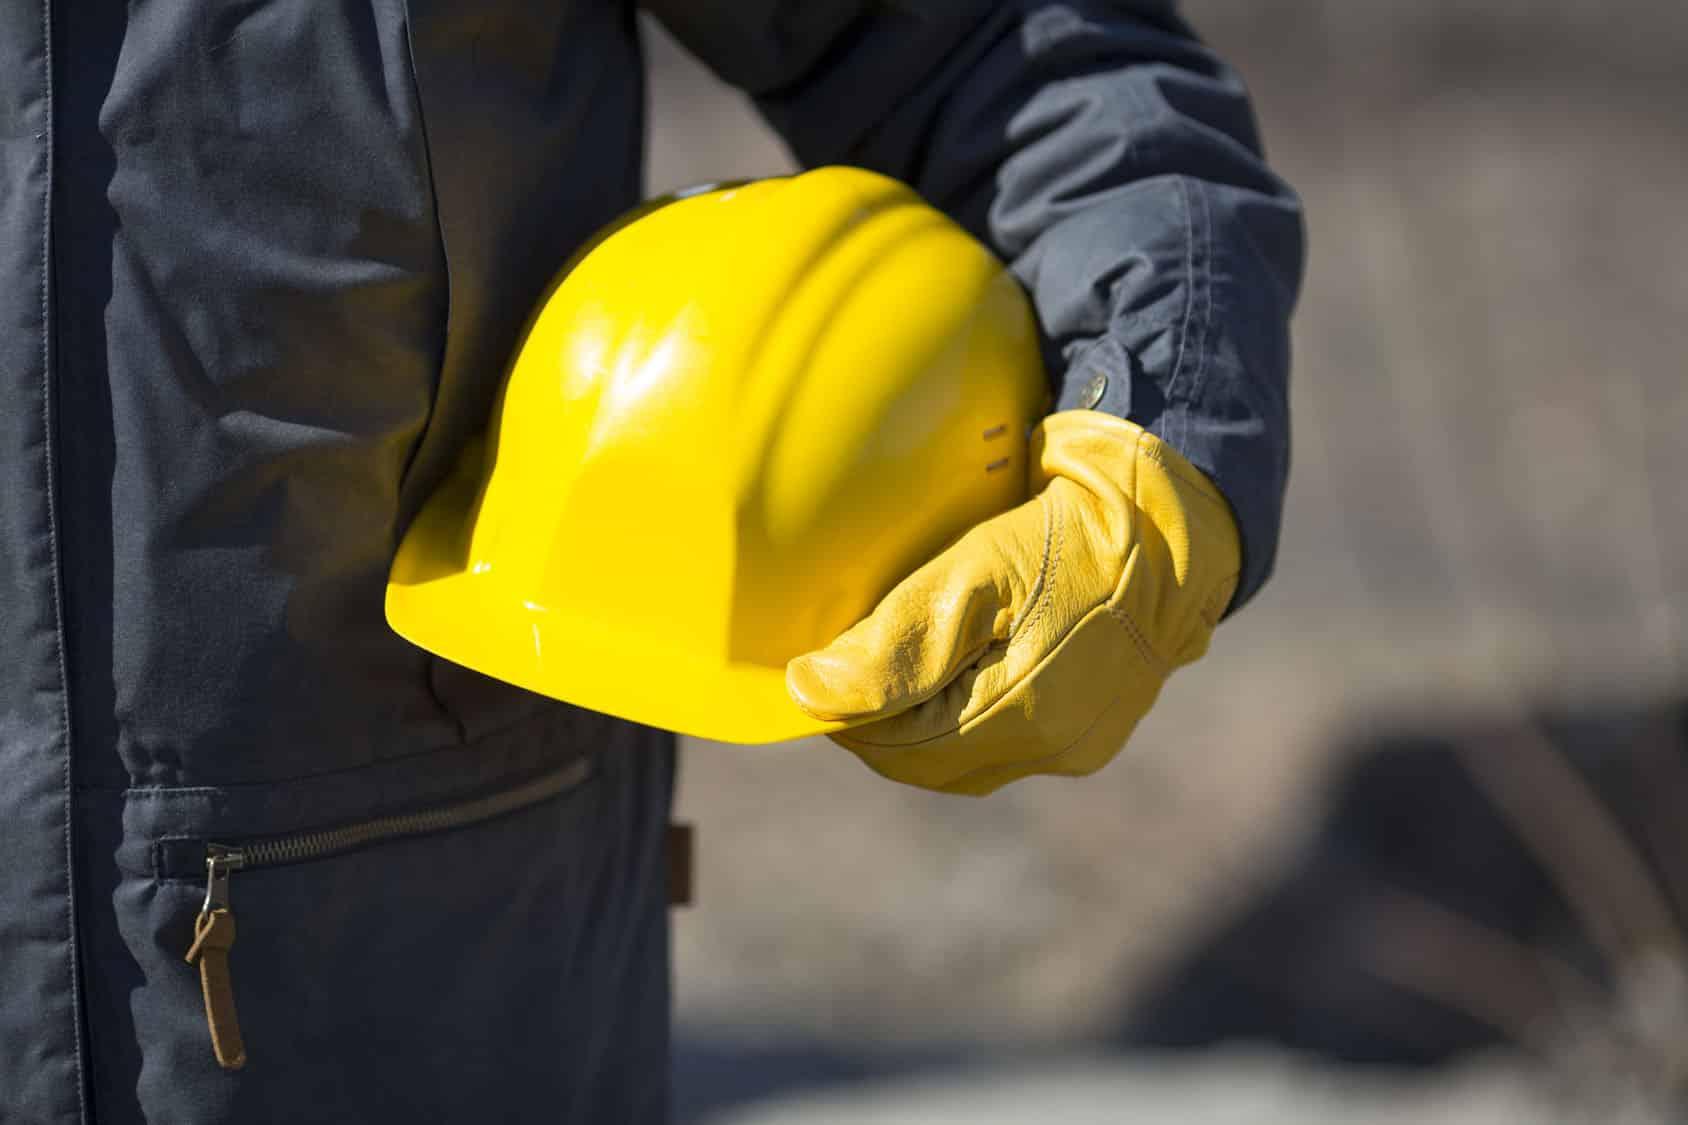 Istat, aumento boom di disoccupati nel mese di settembre, hanno perso il lavoro oltre 80 mila unità, tasso di disoccupazione giovani oltre il 30%